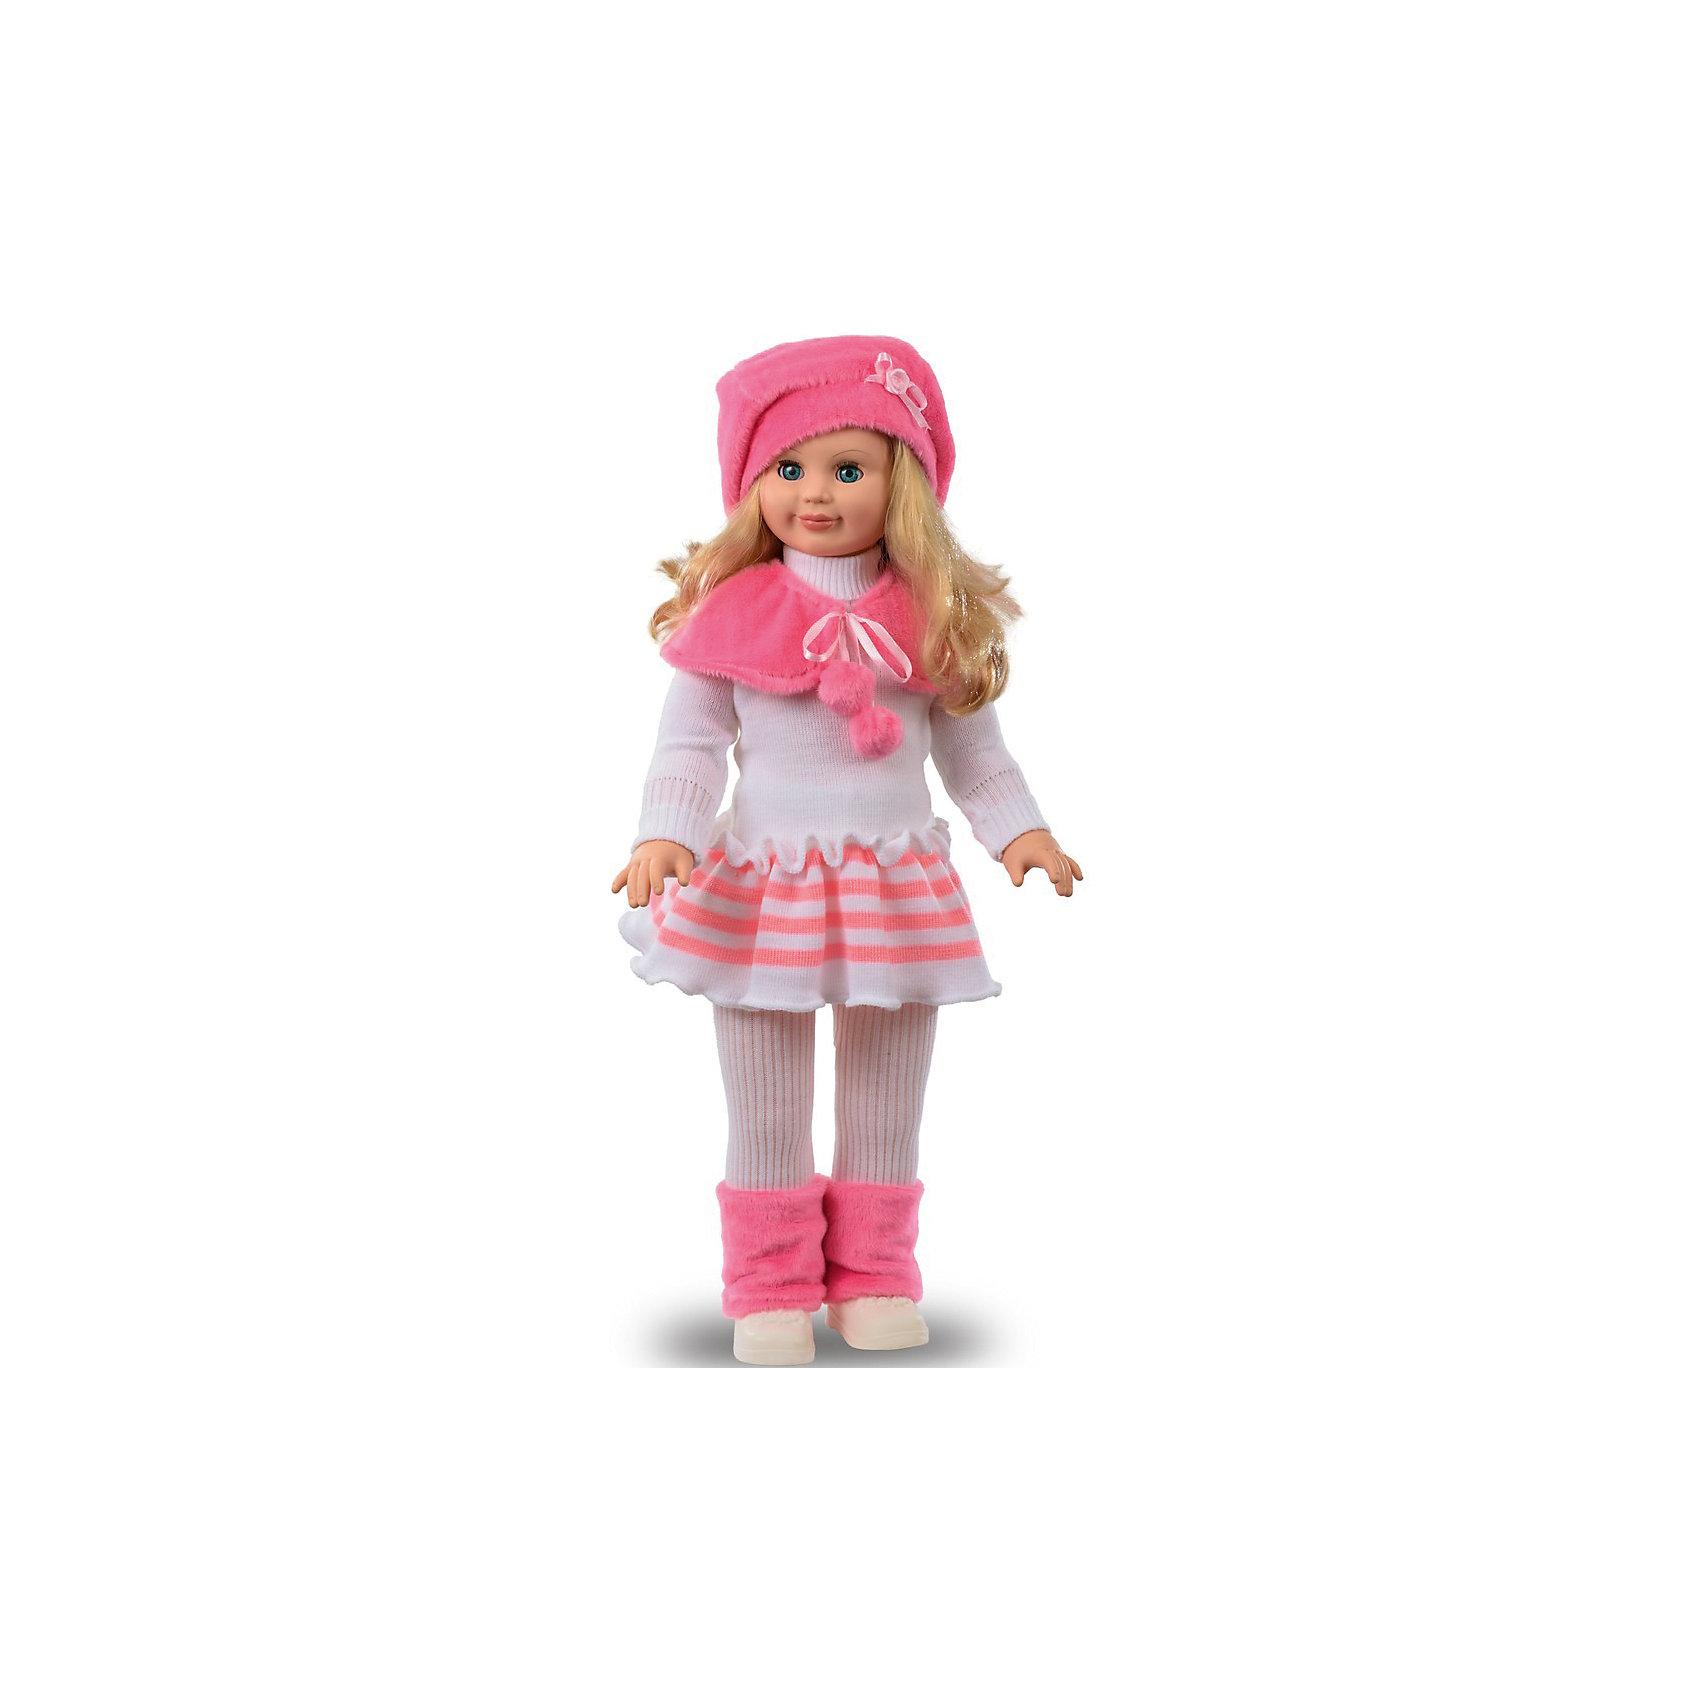 Весна Кукла Милана 17, со звуком, 70 см, Весна кукла весна инна в куртке со звуком 43 см